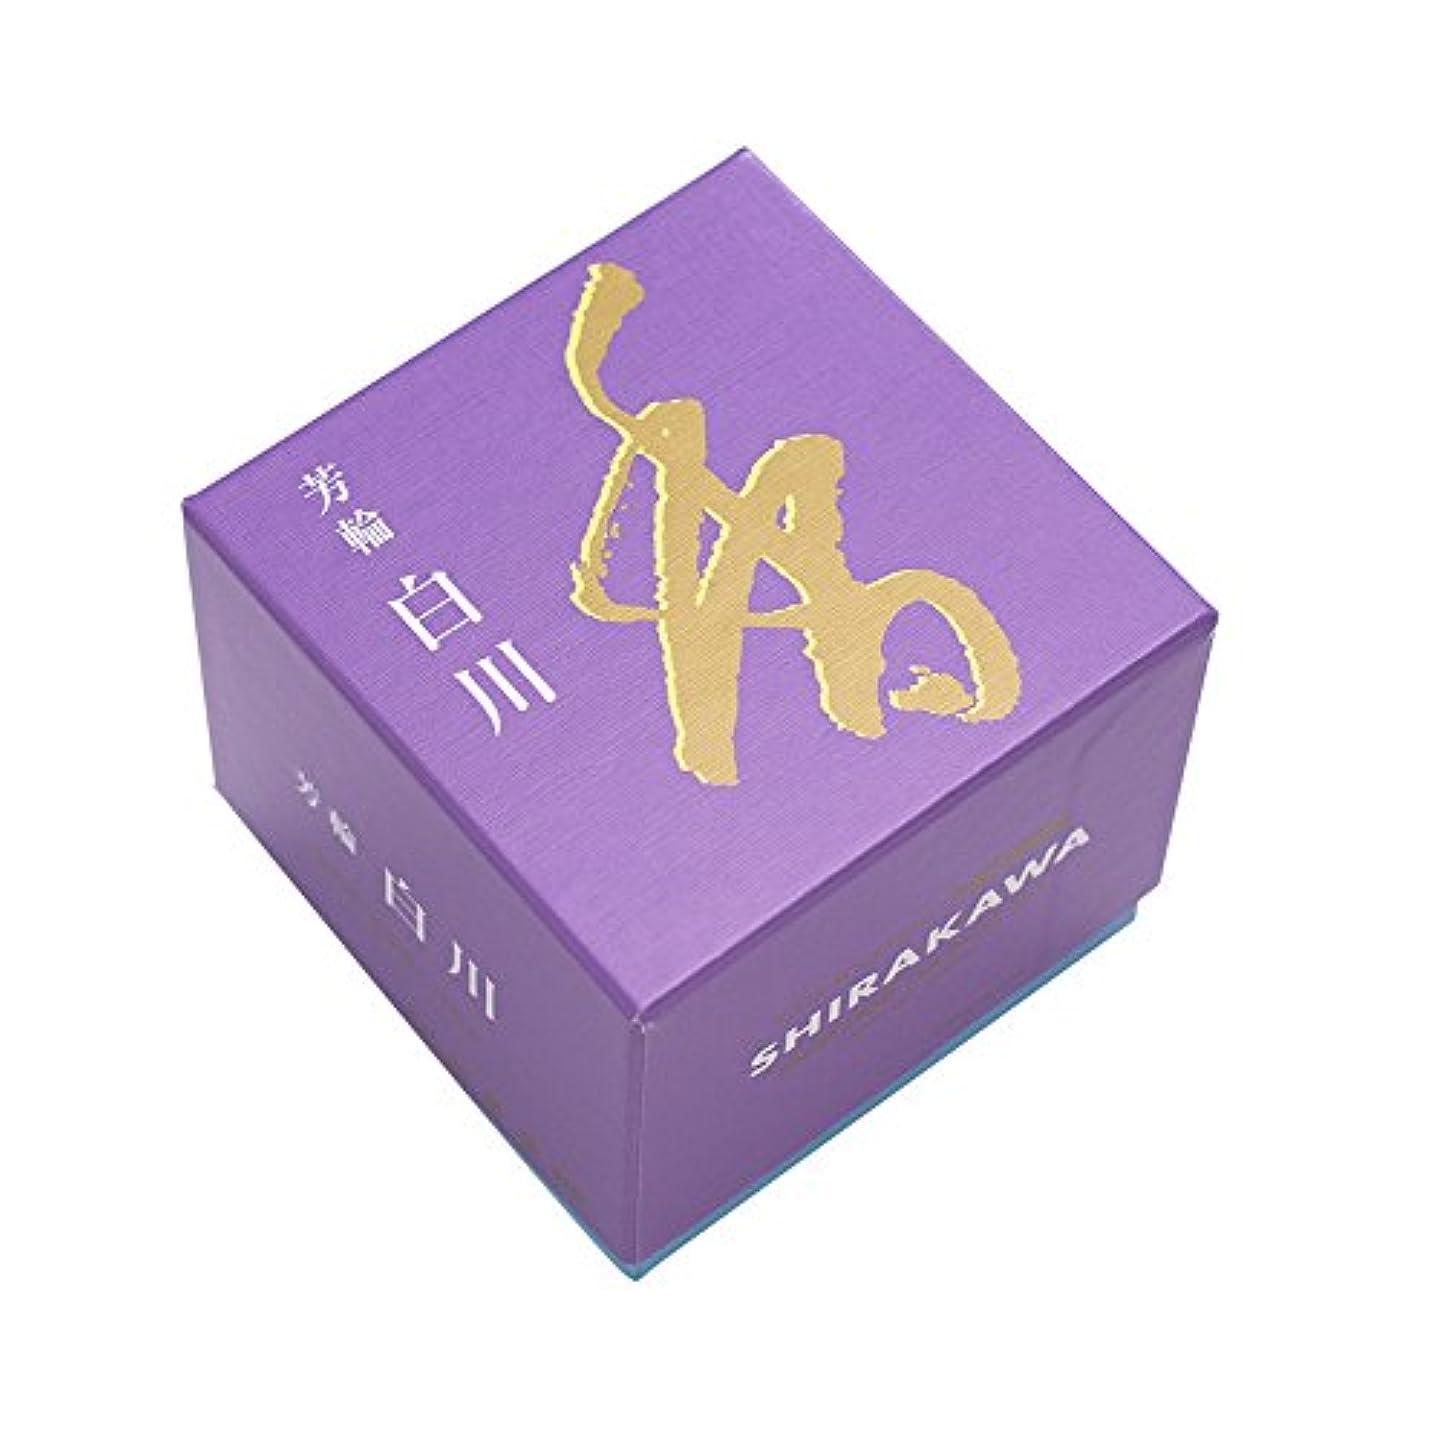 バラバラにする裏切る抜粋松栄堂のお香 芳輪白川 渦巻型10枚入 うてな角型付 #210621